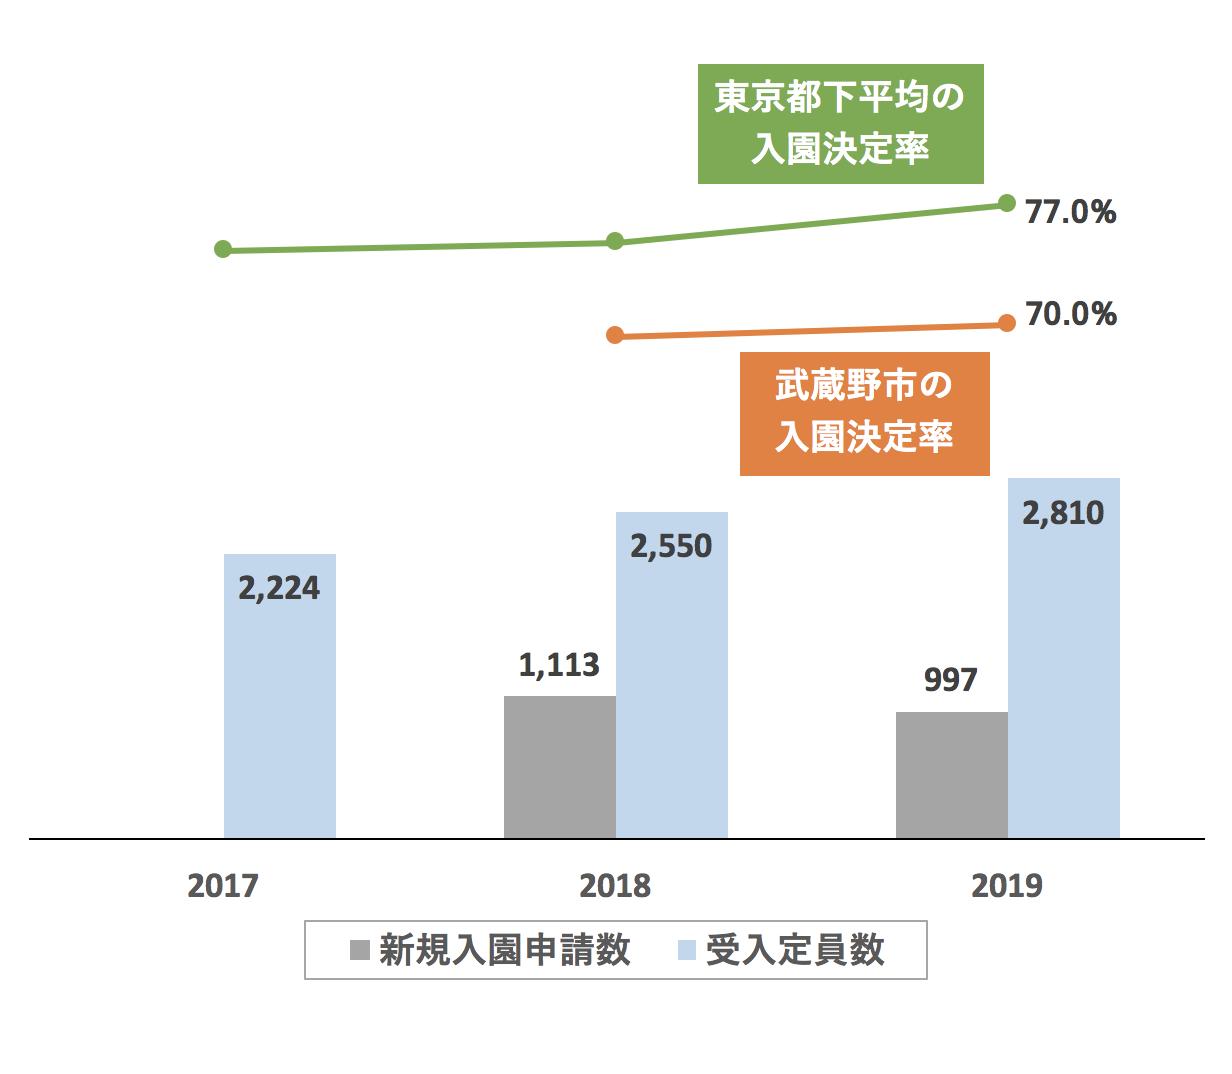 武蔵野市の新規入園決定率の推移や変化・保育園定員数の推移や変化・新規申込児童数の推移や変化